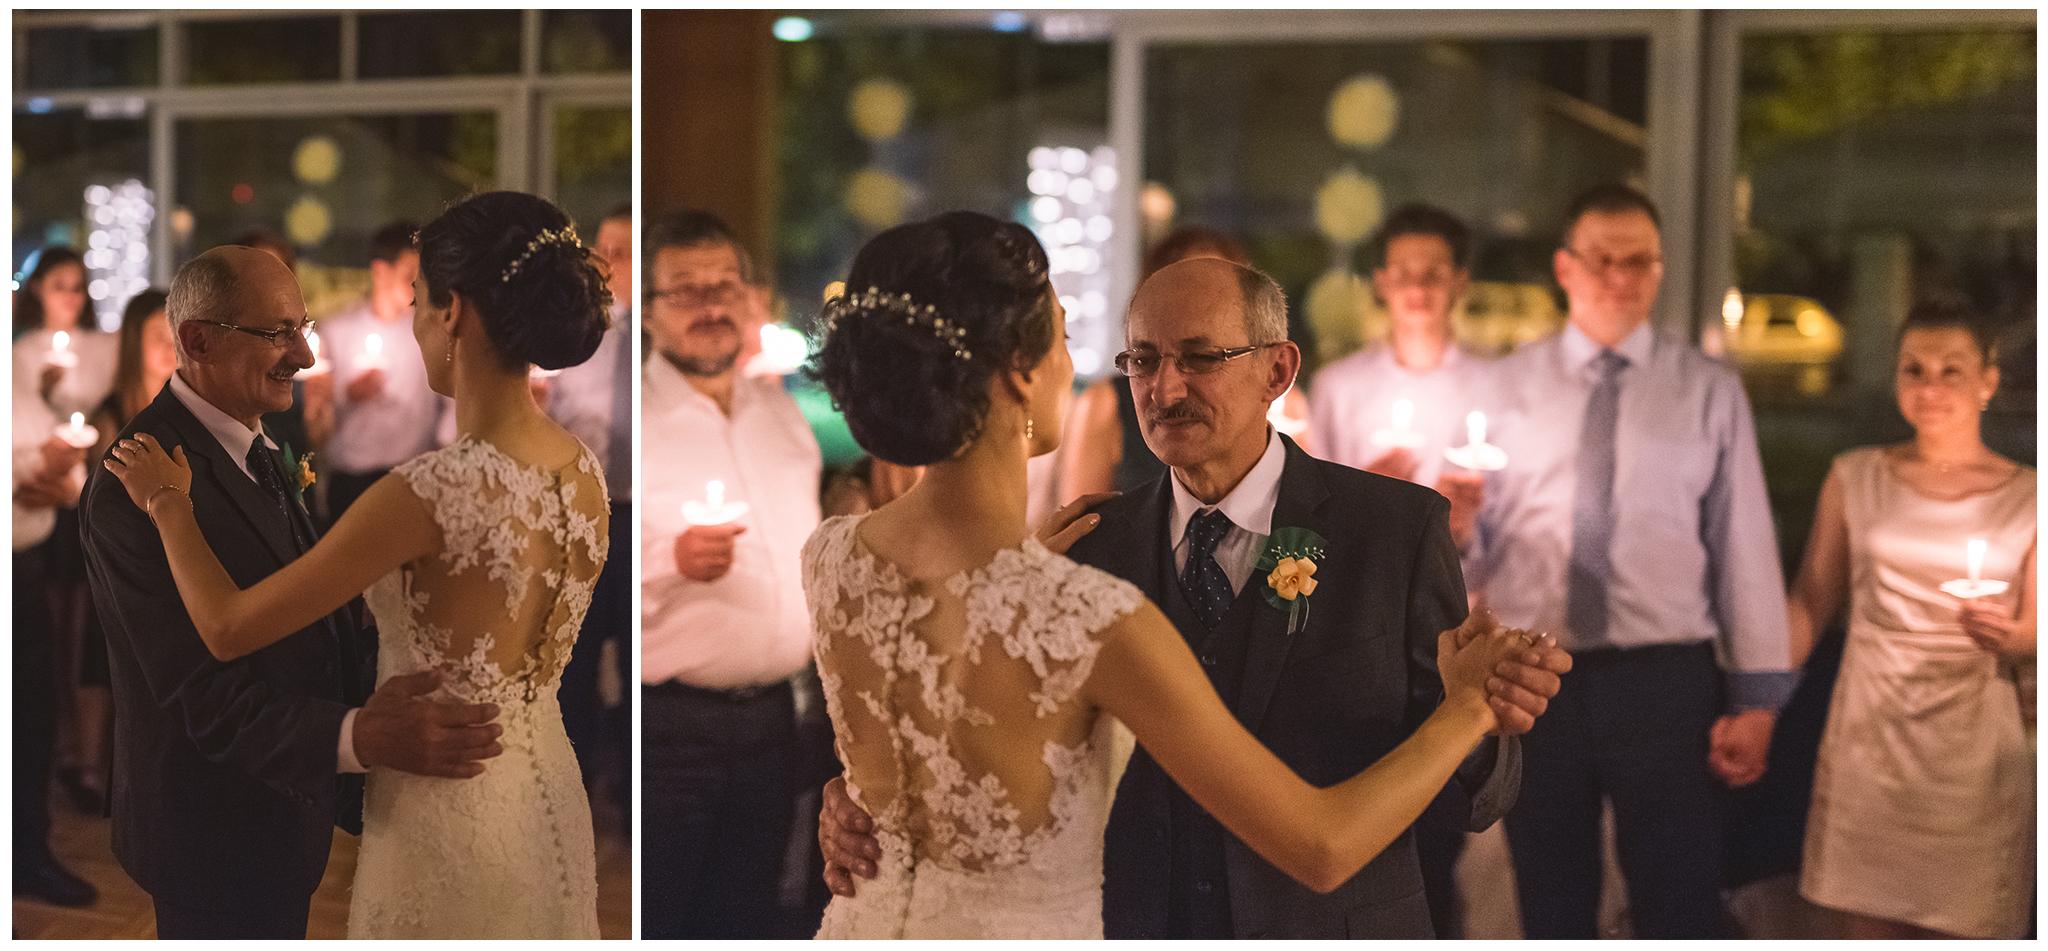 FylepPhoto, esküvőfotós, esküvői fotós Körmend, Szombathely, esküvőfotózás, magyarország, vas megye, prémium, jegyesfotózás, Fülöp Péter, körmend, kreatív, fotográfus_044.jpg